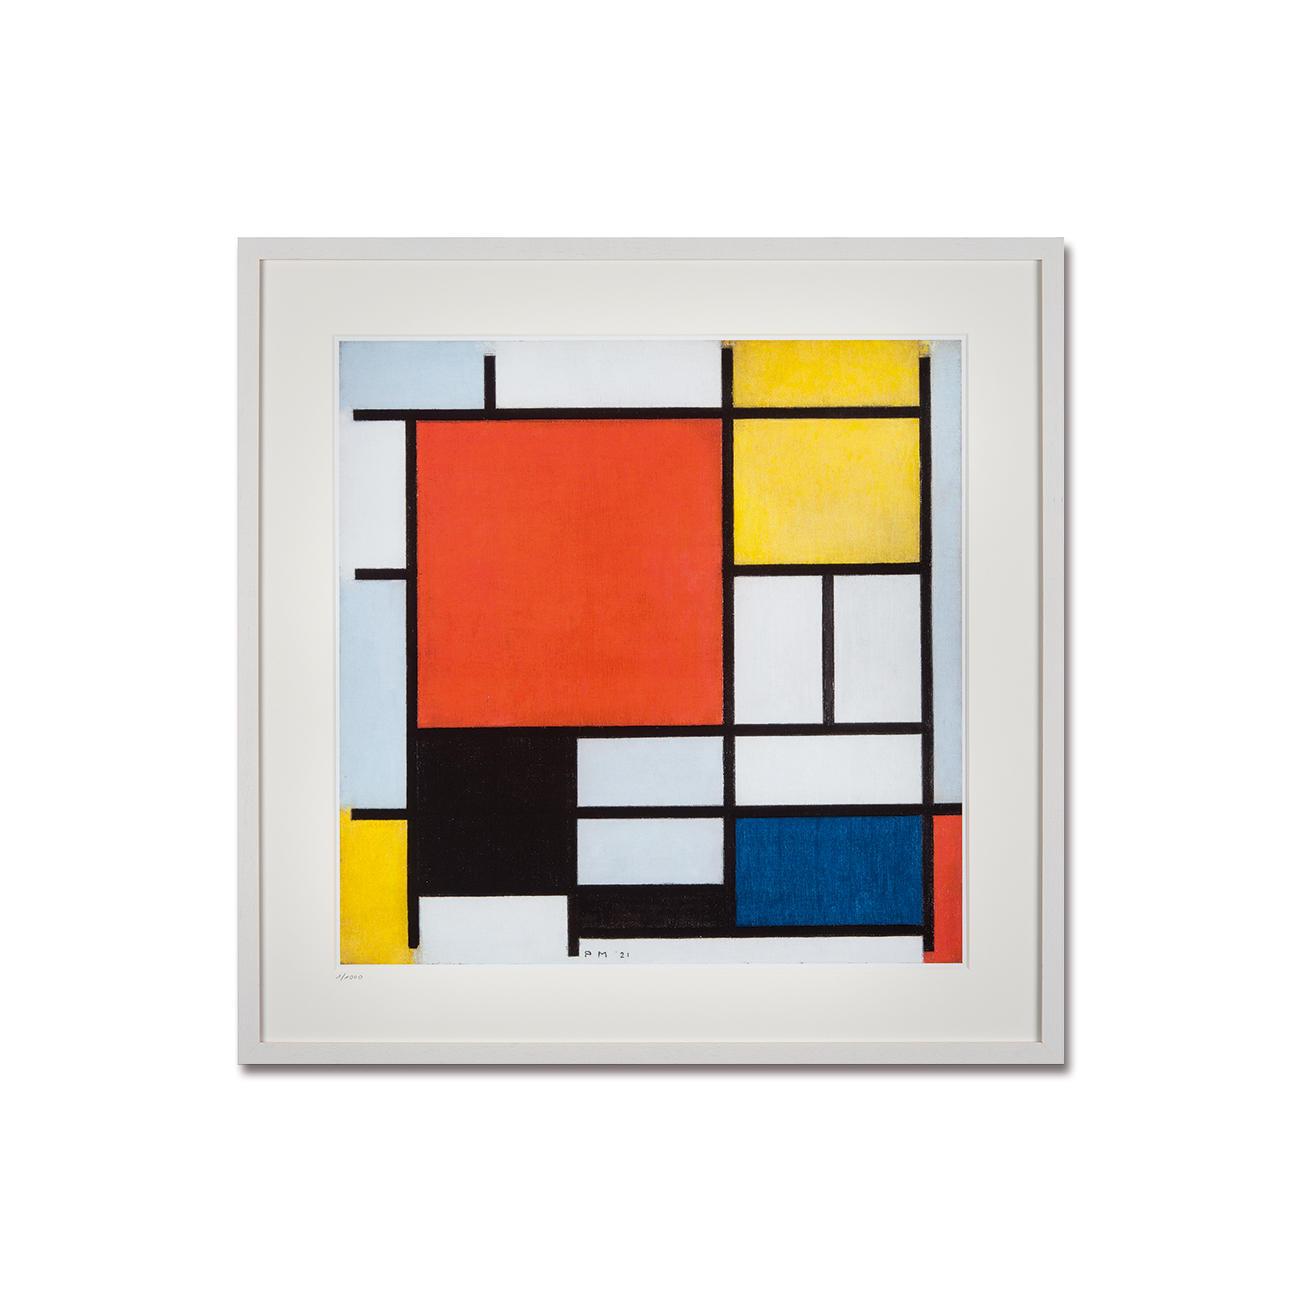 piet mondrian komposition mit rot gelb blau und schwarz 1926. Black Bedroom Furniture Sets. Home Design Ideas